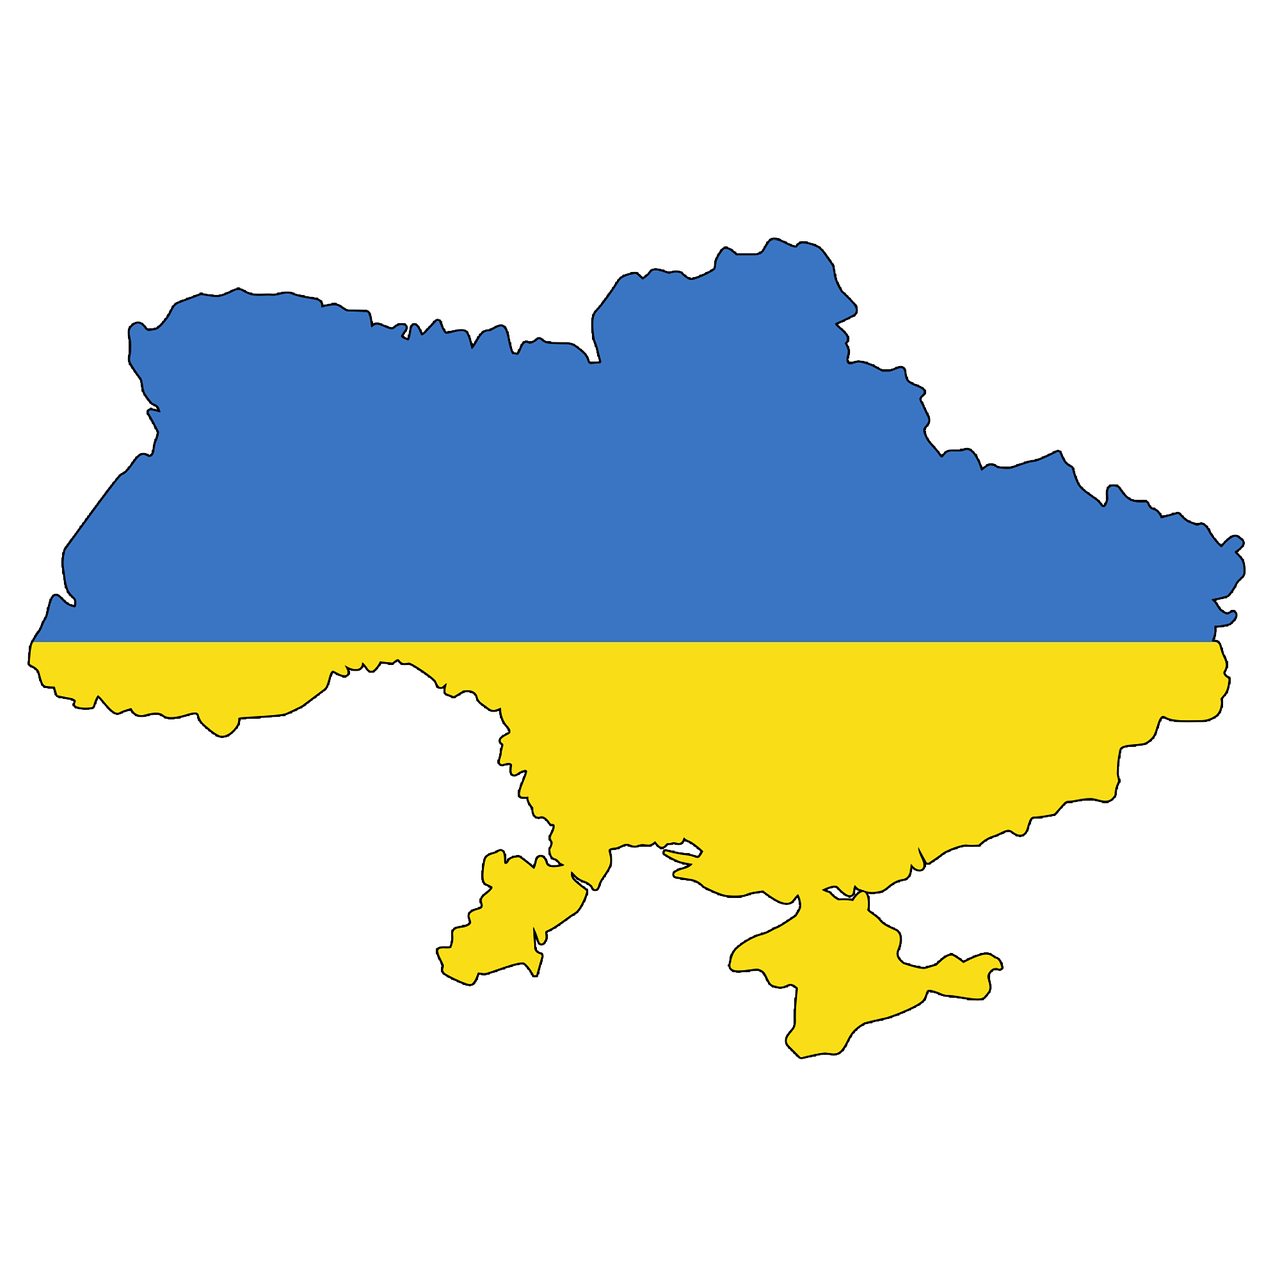 ukraine-1500648_1280.png